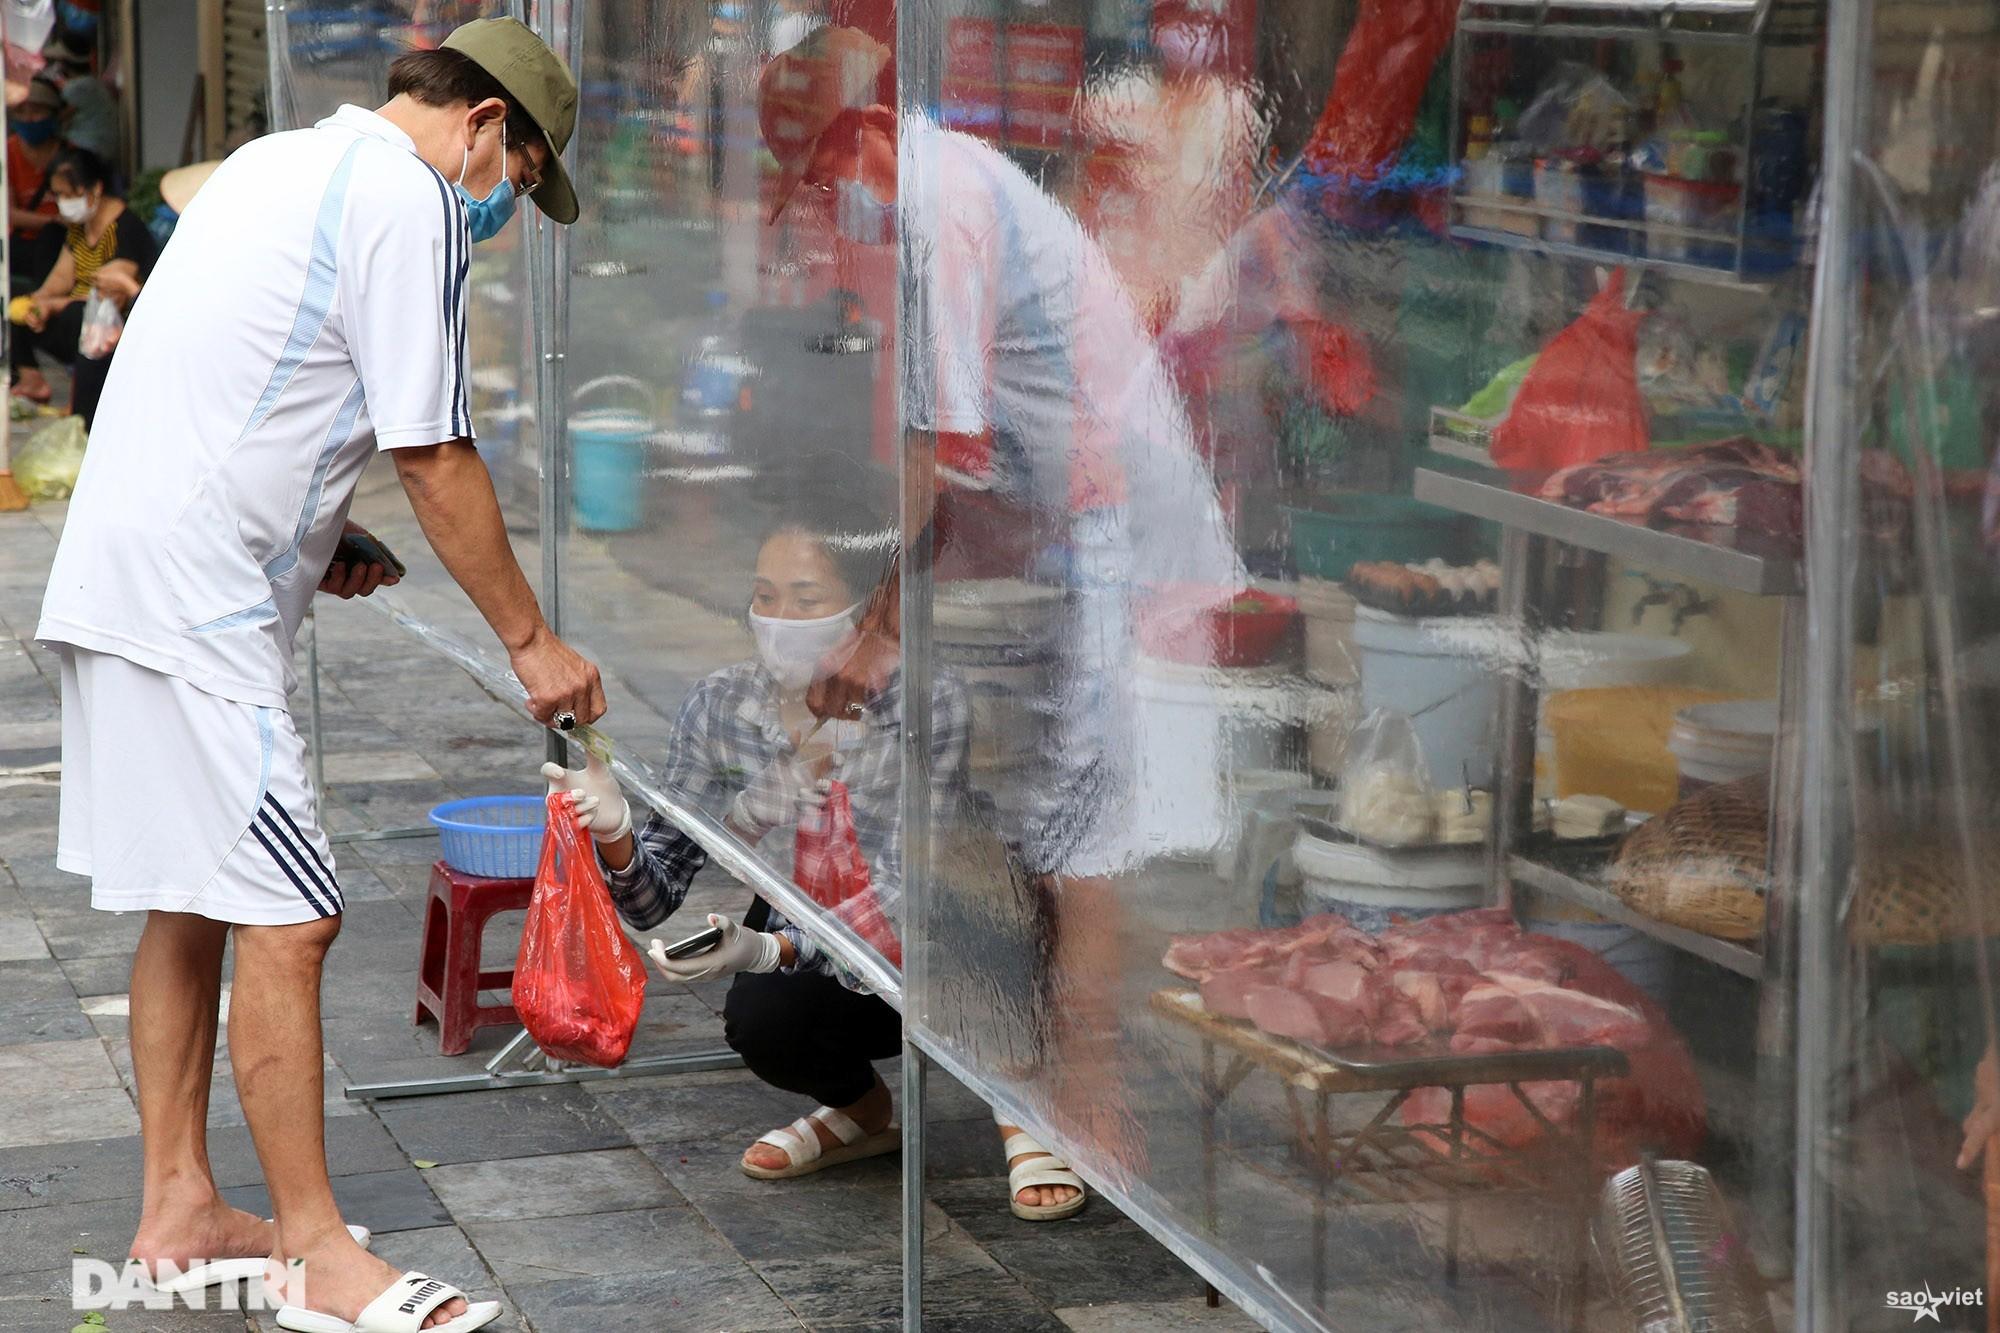 Mới lạ cảnh mua bán bằng ám hiệu ngón tay ở chợ nhà giàu phố cổ Hà Nội - 8